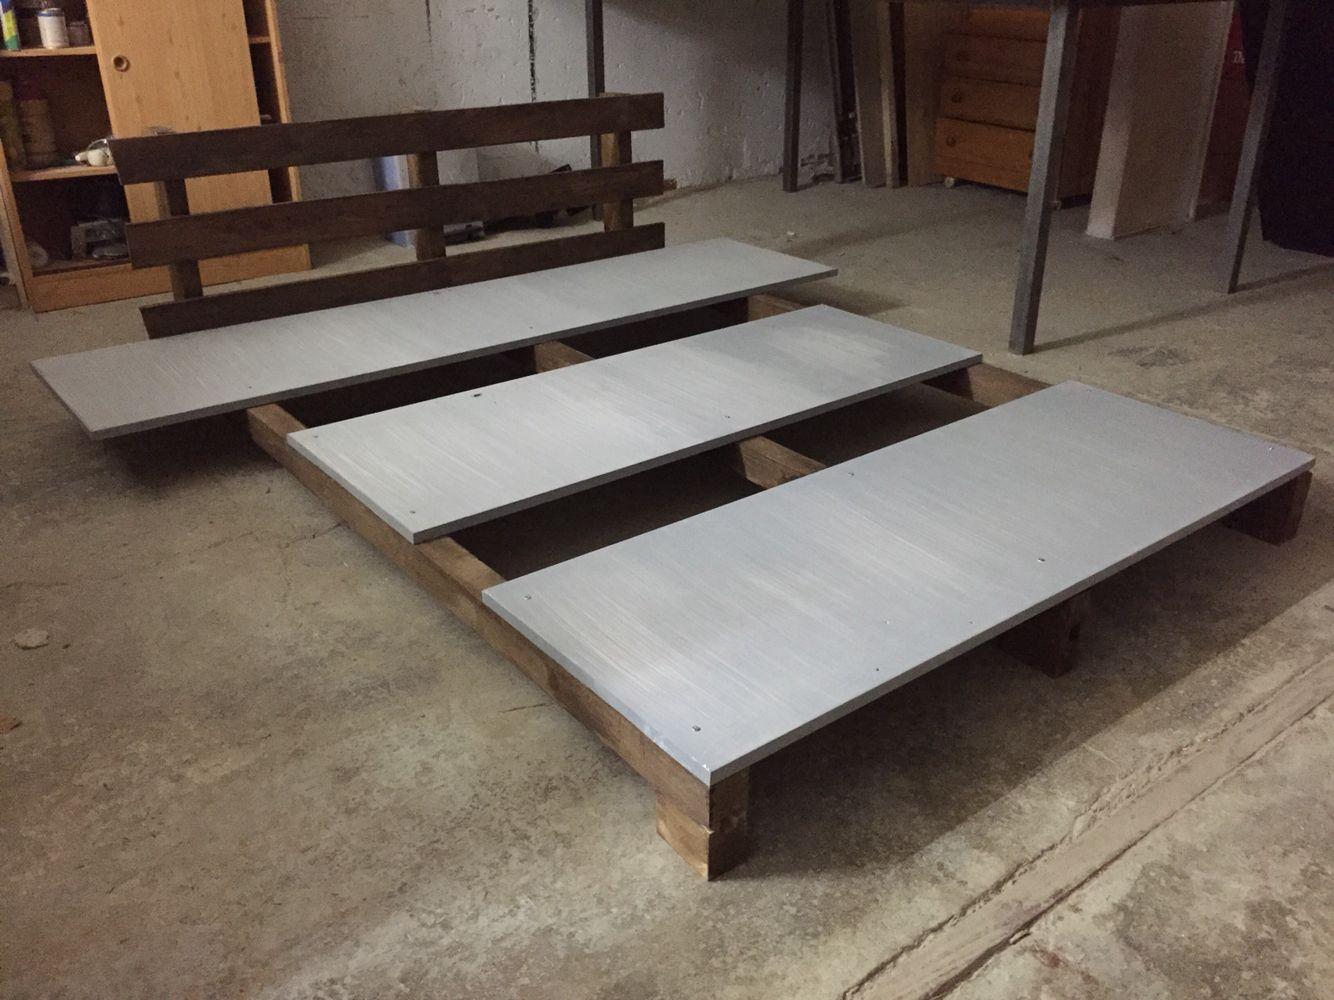 Cama estilo japonesa Tatami hecha con 3 listones de madera 3